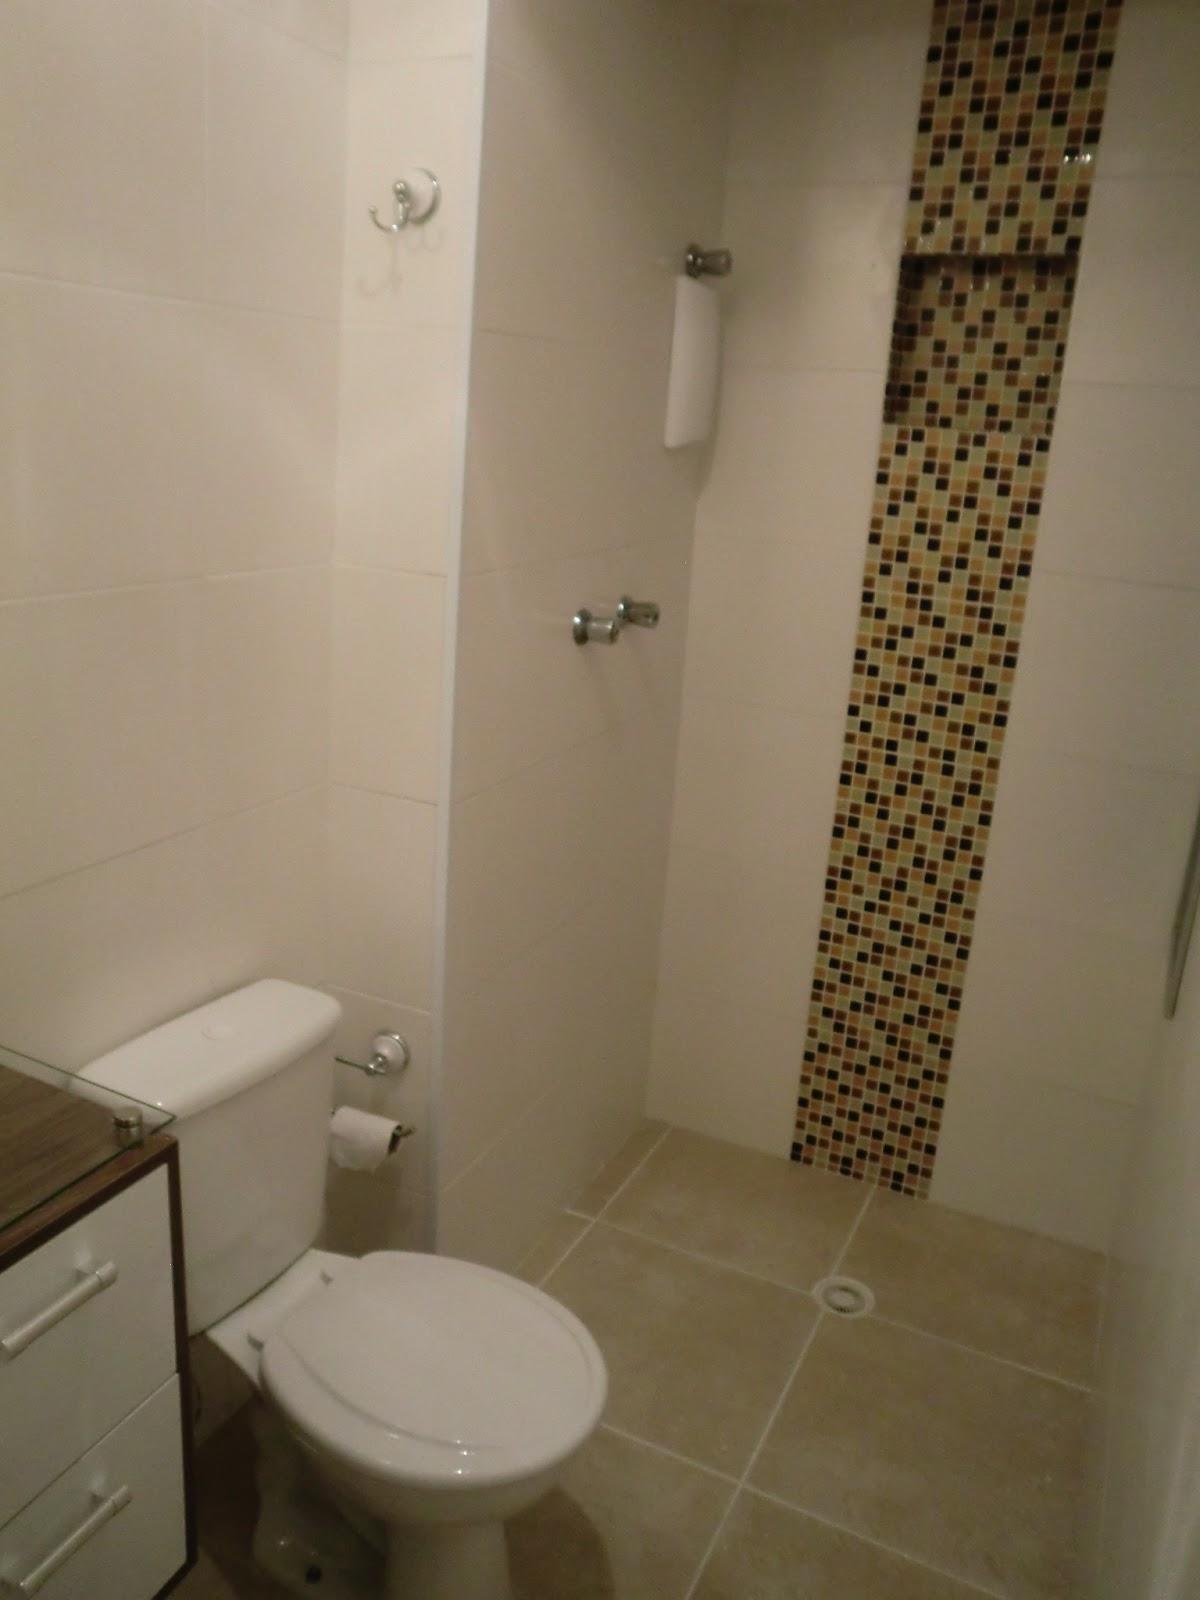 Passo a Passo de como fazer um nicho de pastilhas de vidro dentro bo box do b -> Banheiro Decorado Com Pastilhas Marrom